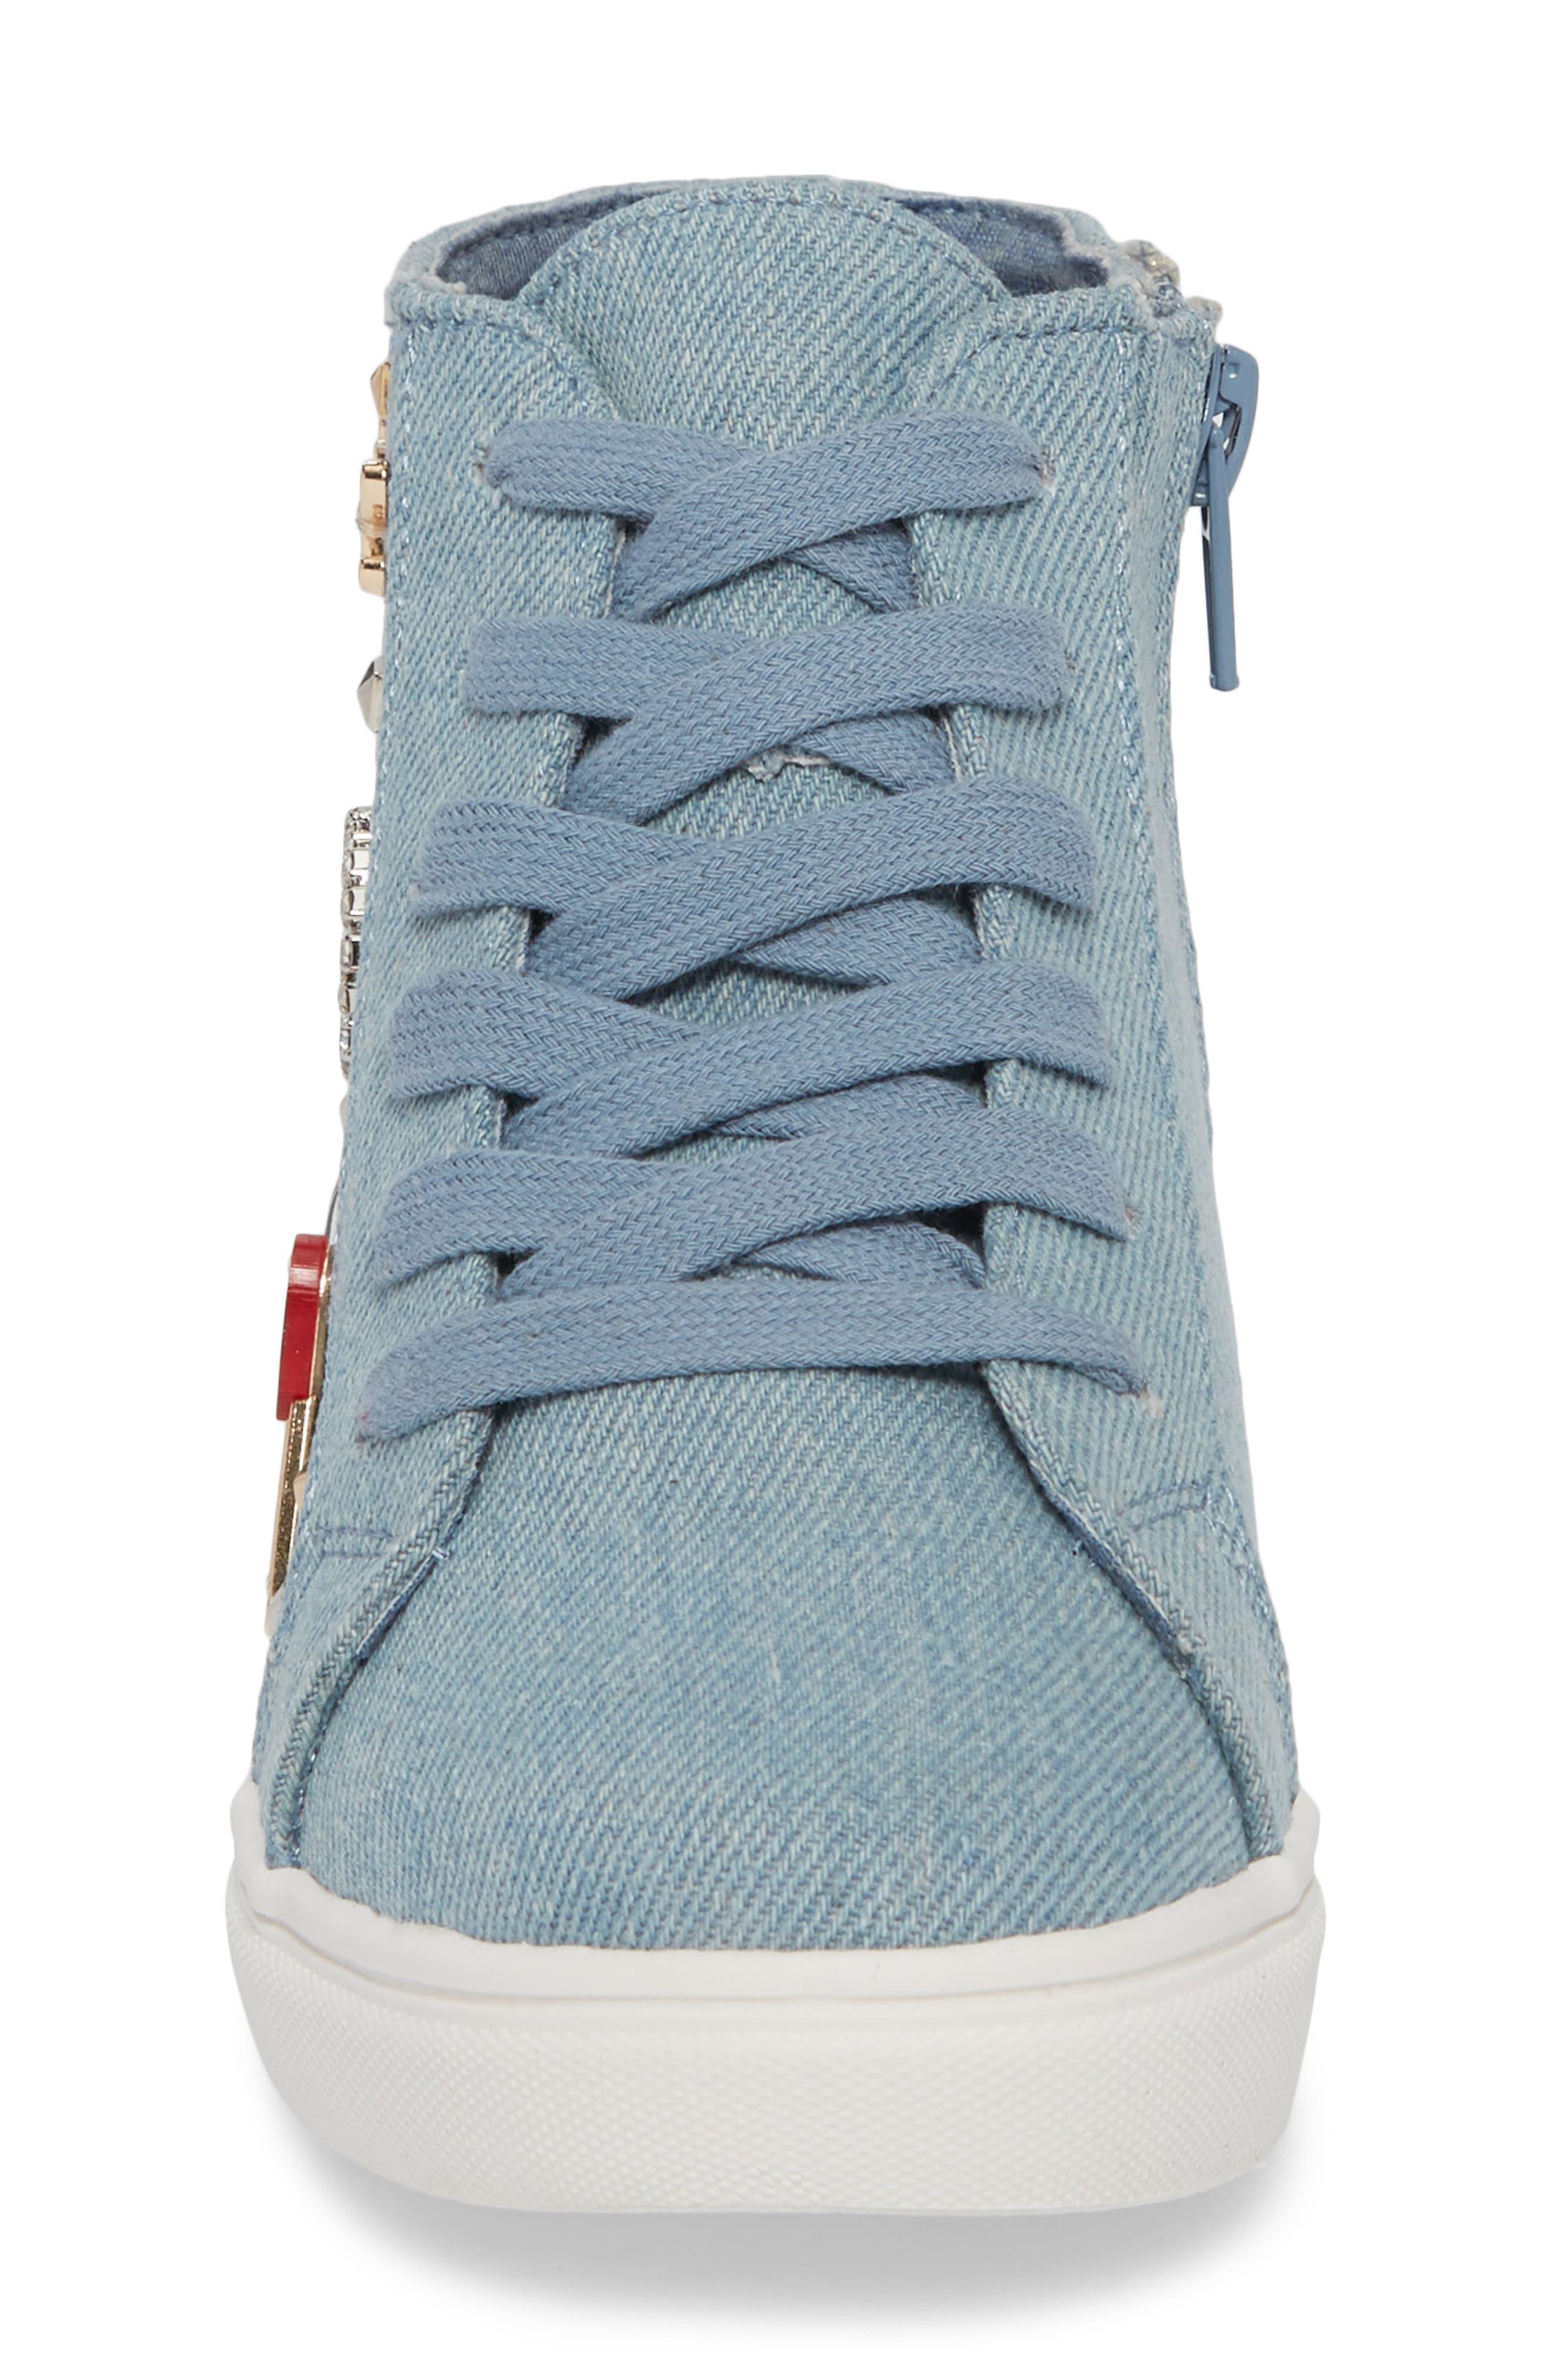 JKOOKIE High Top Sneaker,                             Alternate thumbnail 4, color,                             Denim